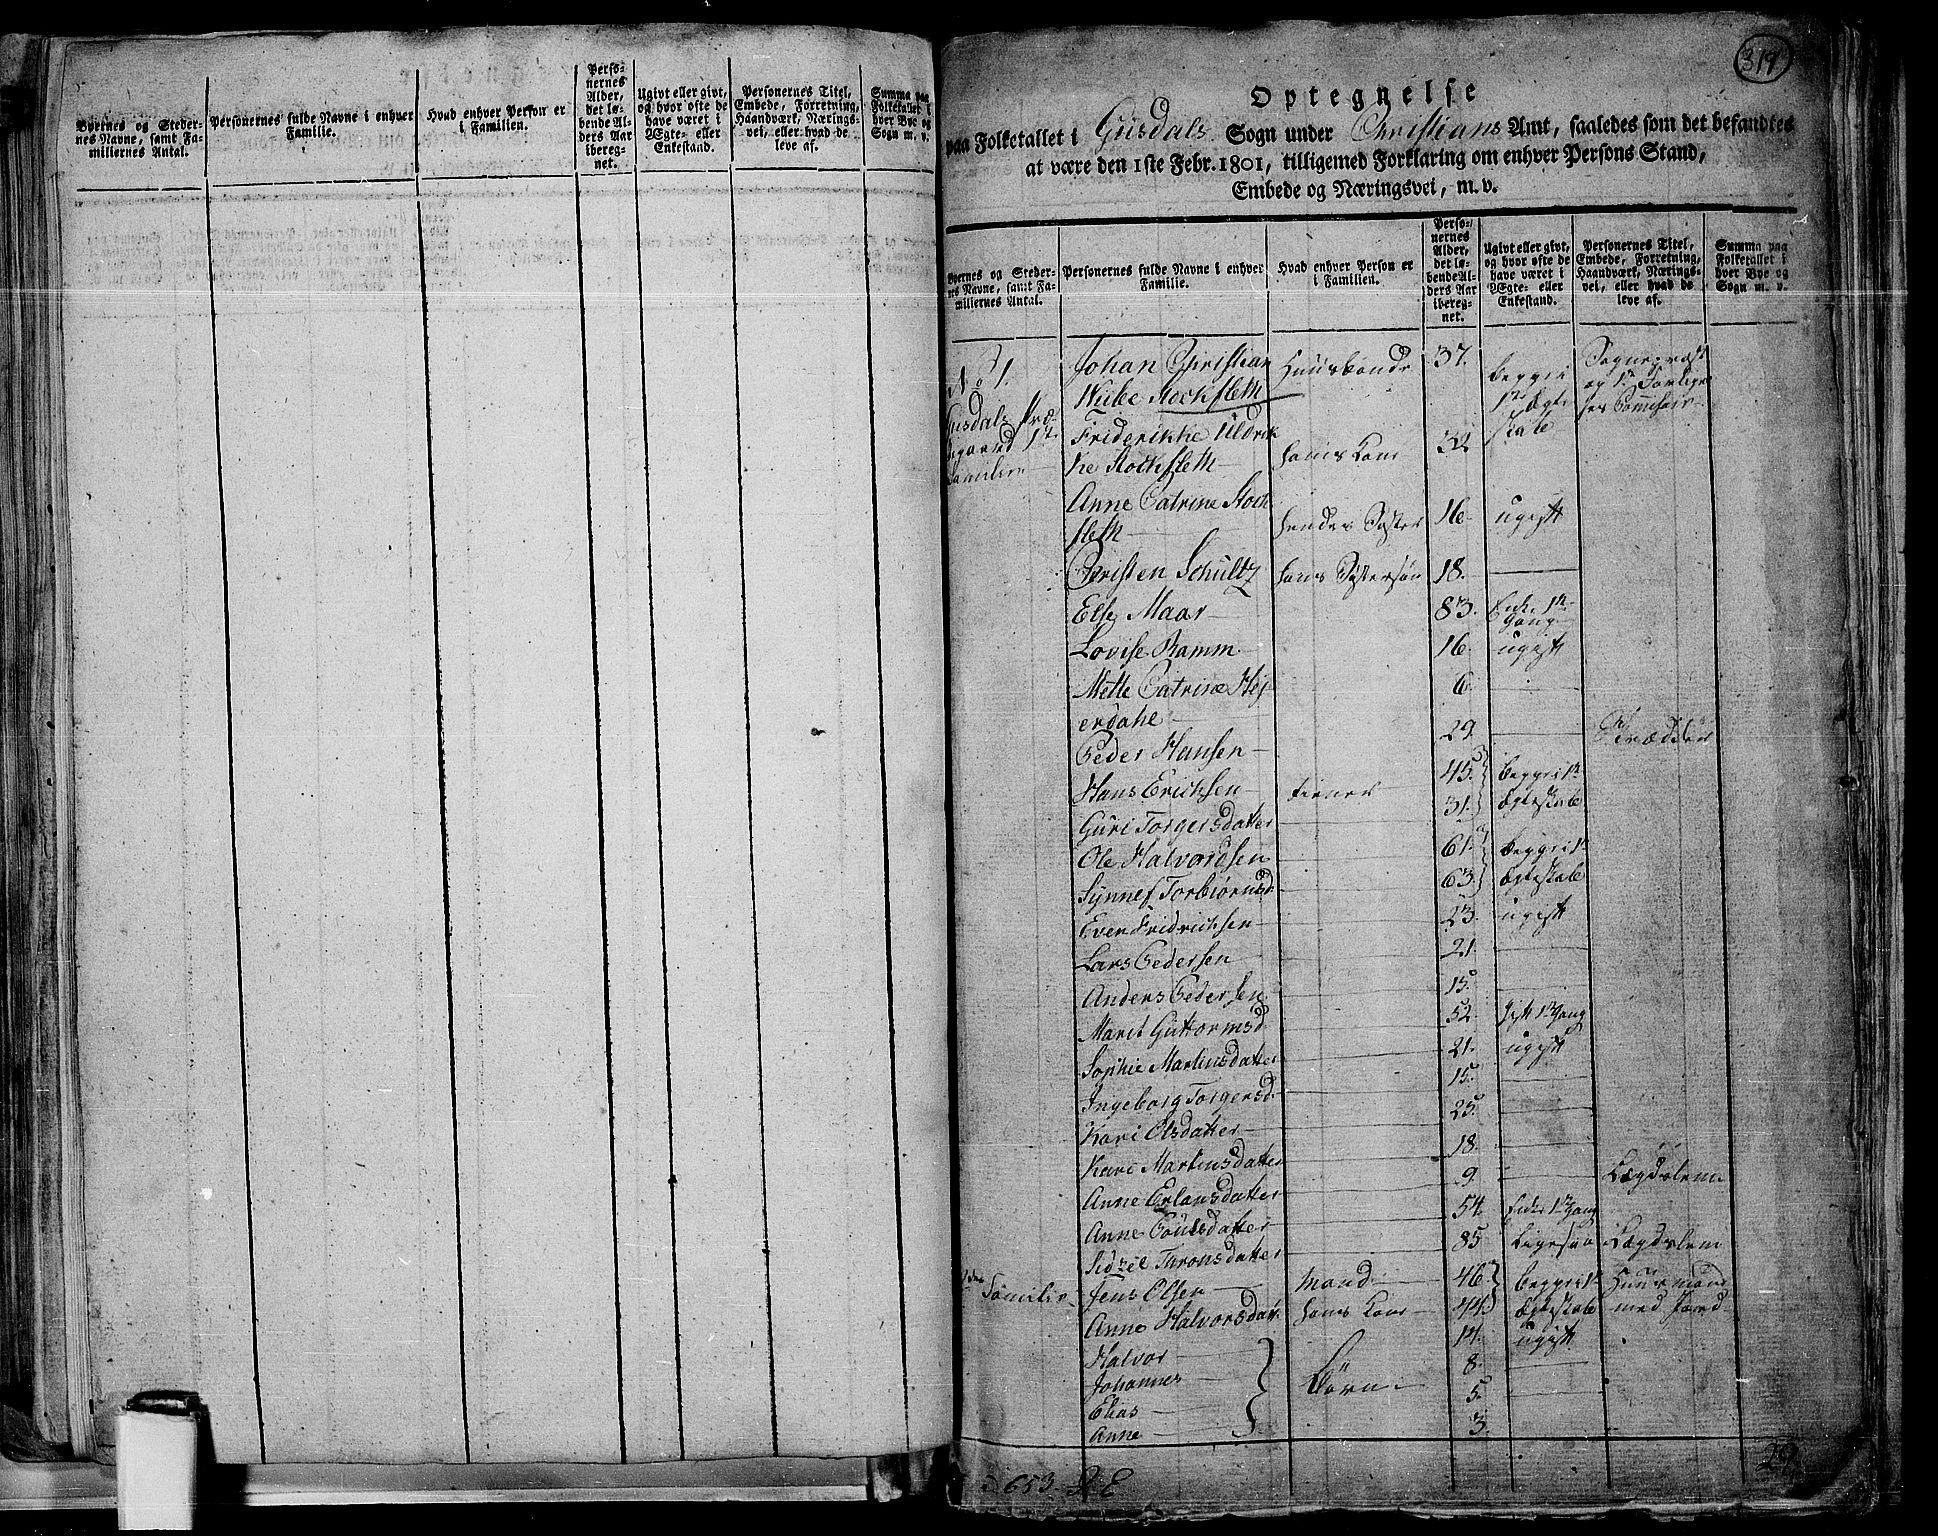 RA, Folketelling 1801 for 0522P Gausdal prestegjeld, 1801, s. 318b-319a